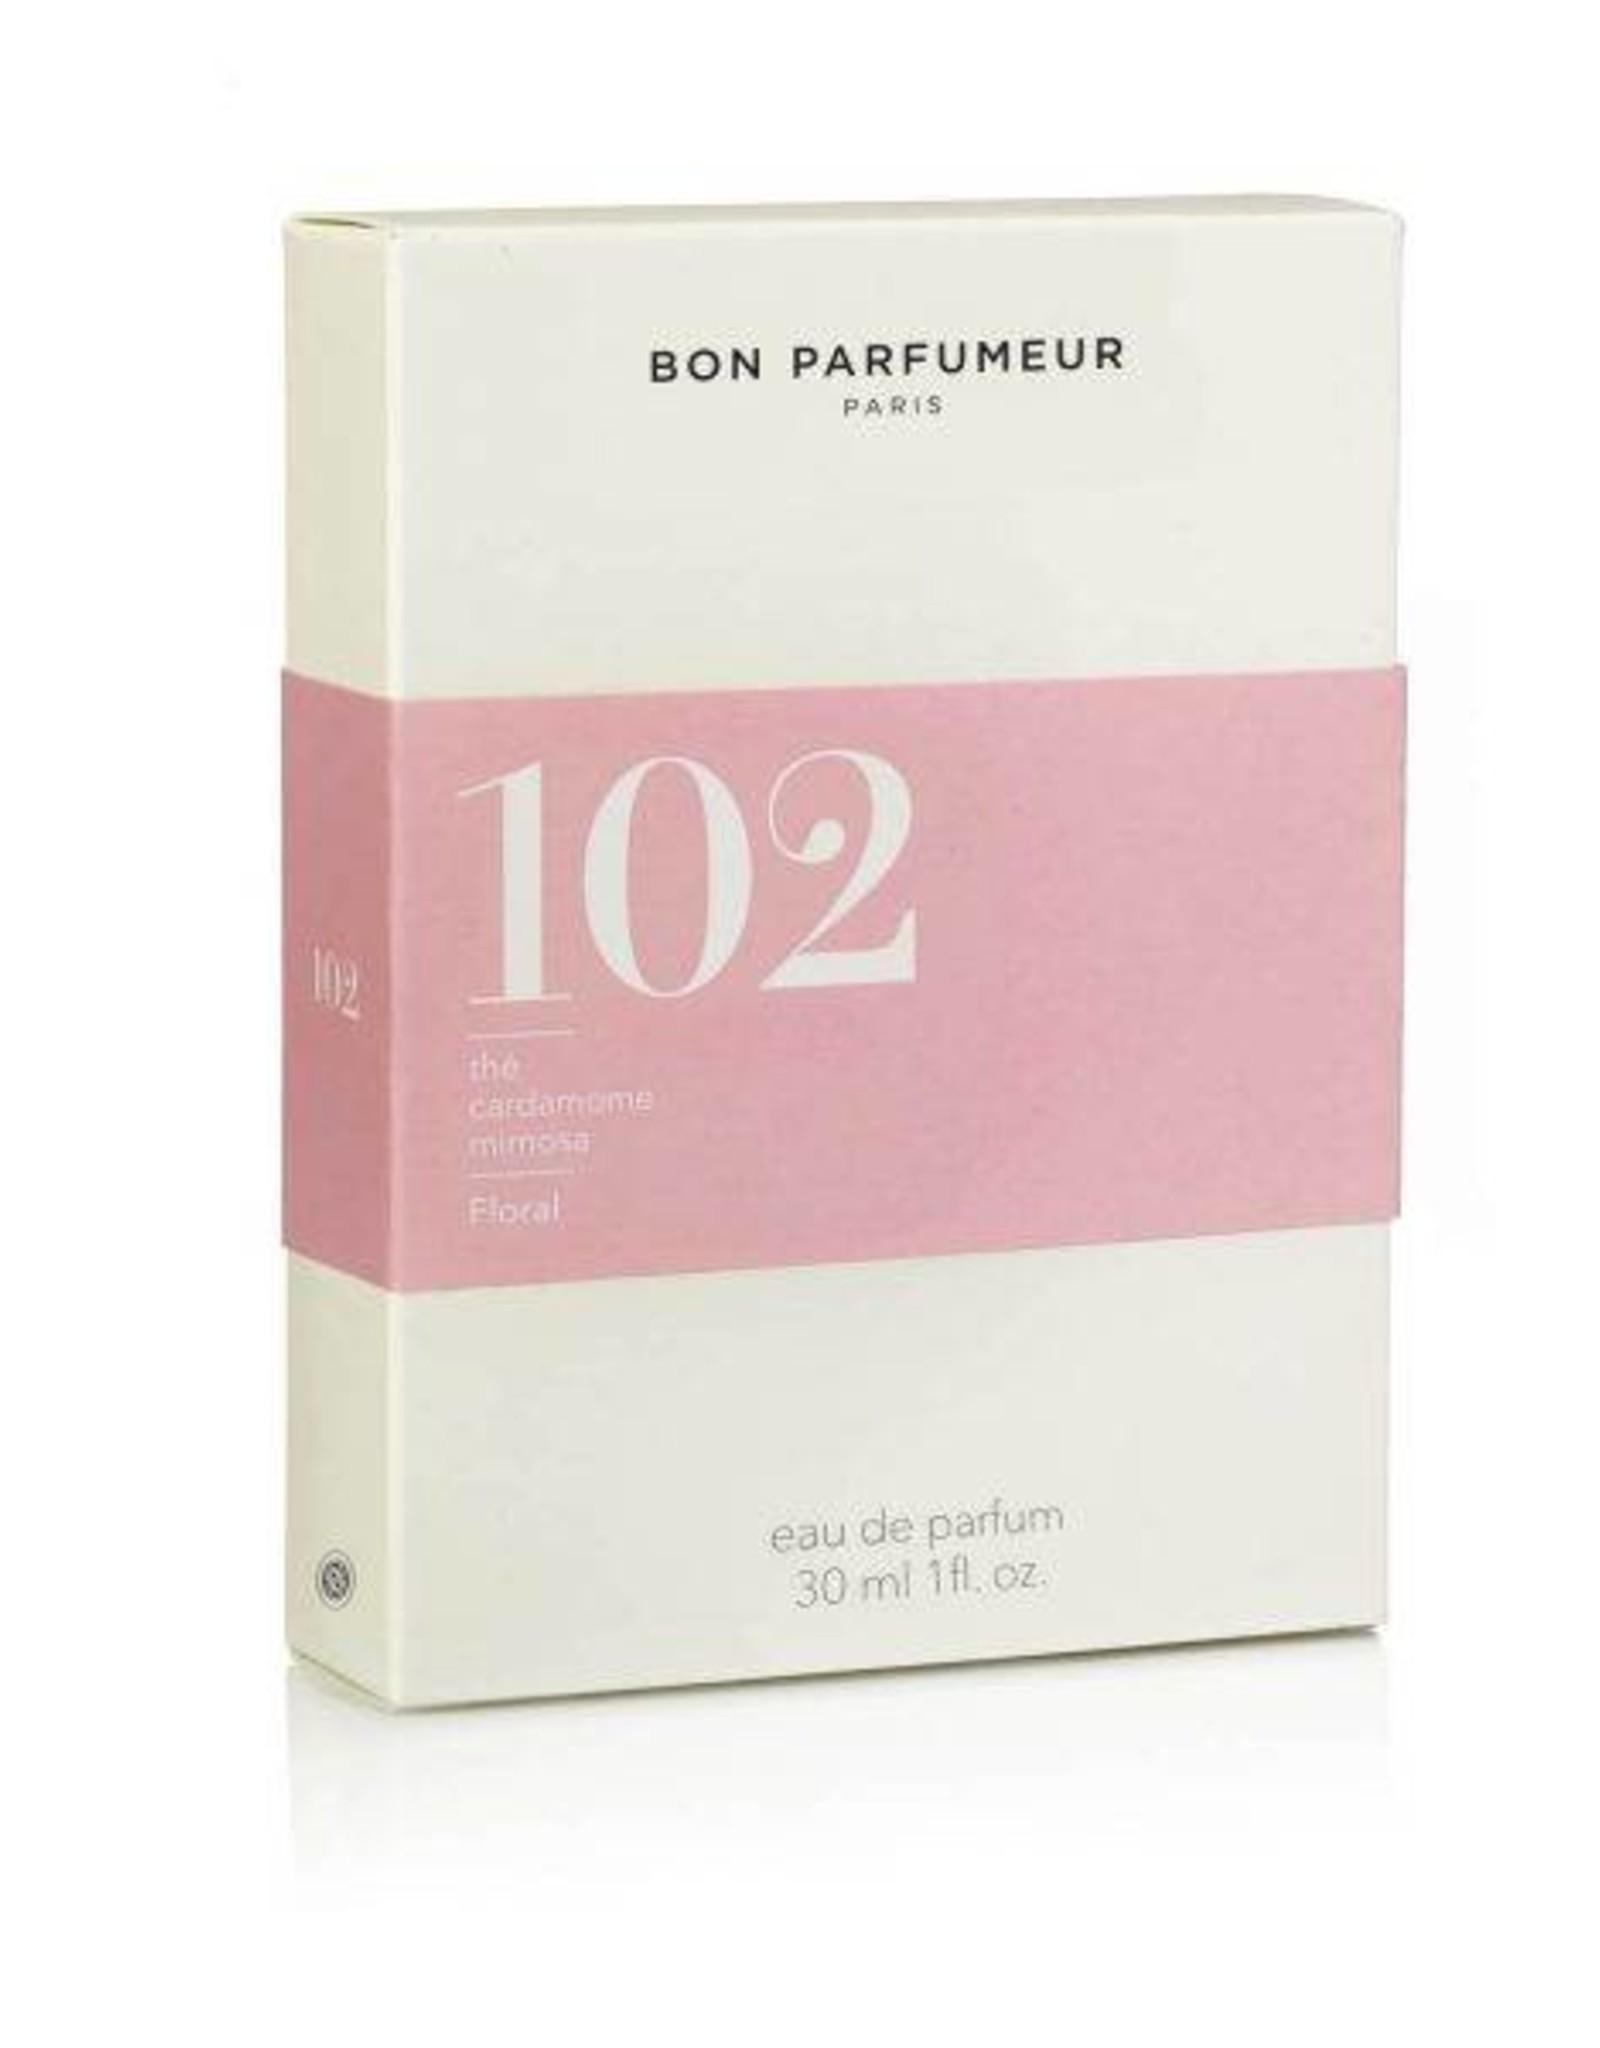 Bon Parfumeur Bon Parfumeur 102 tea, cardamom, mimosa